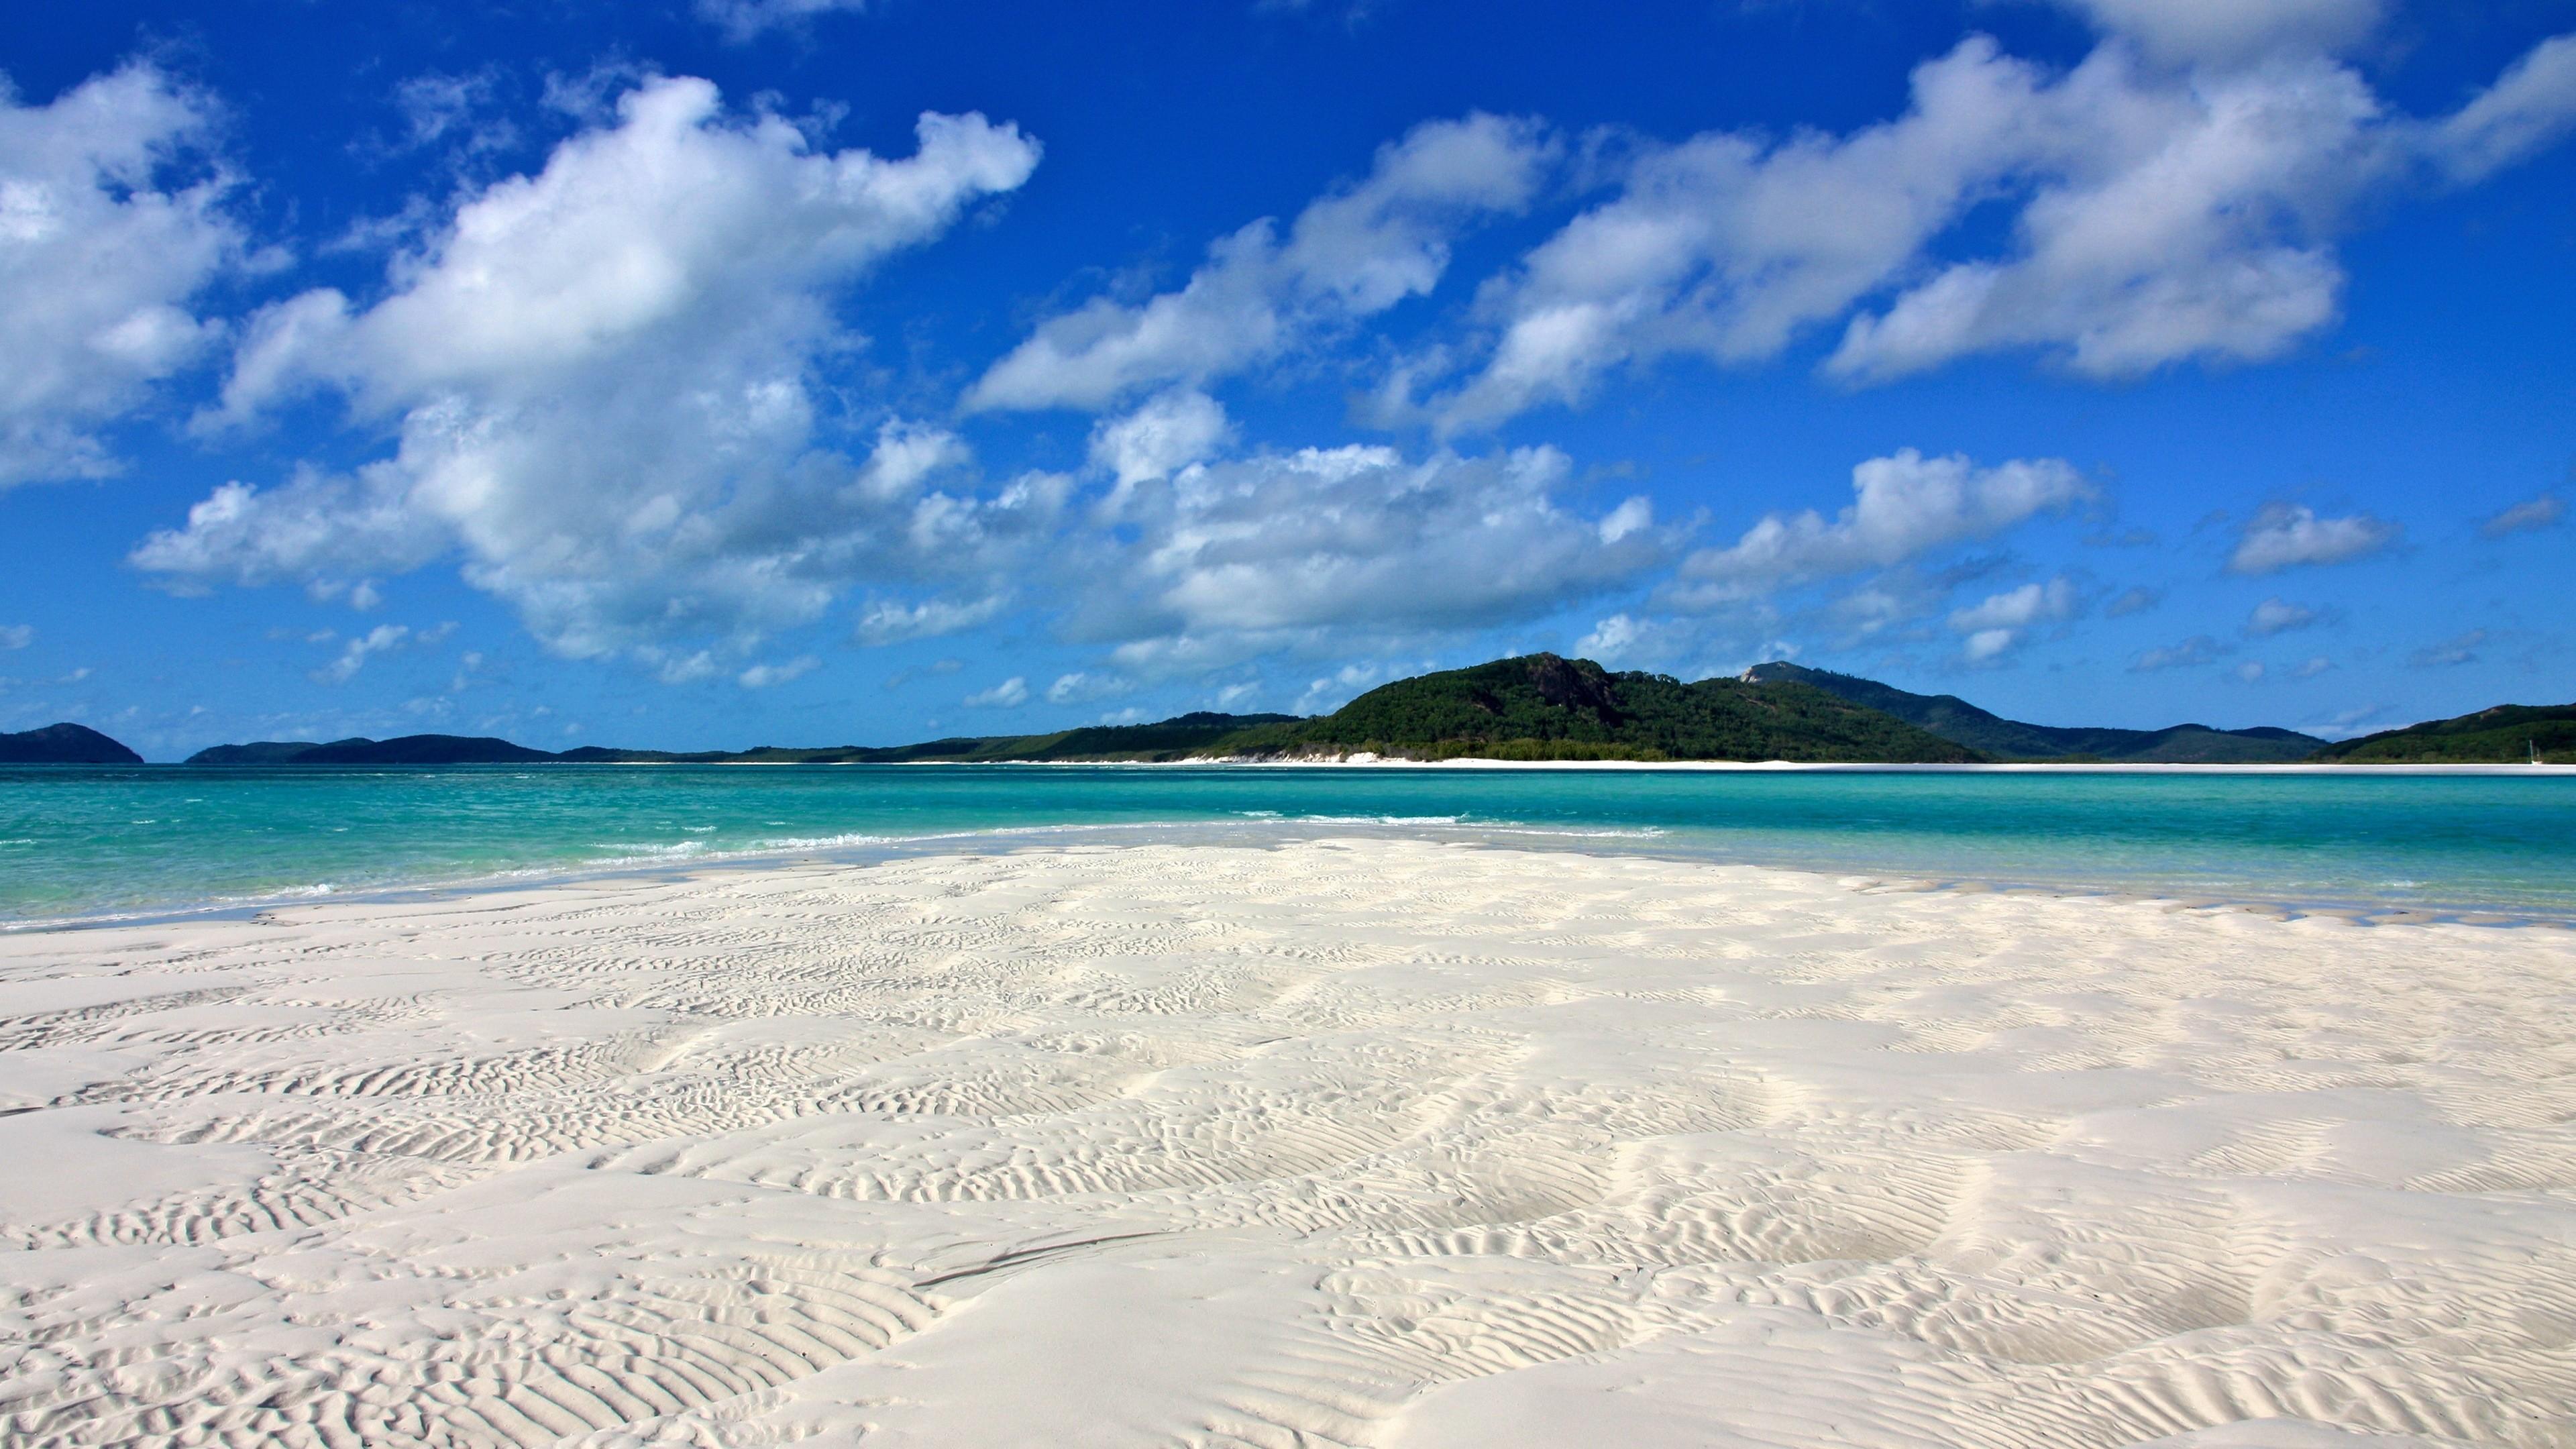 Beach Tropical Island 4K Desktop Wallpaper Uploaded by DesktopWalls .